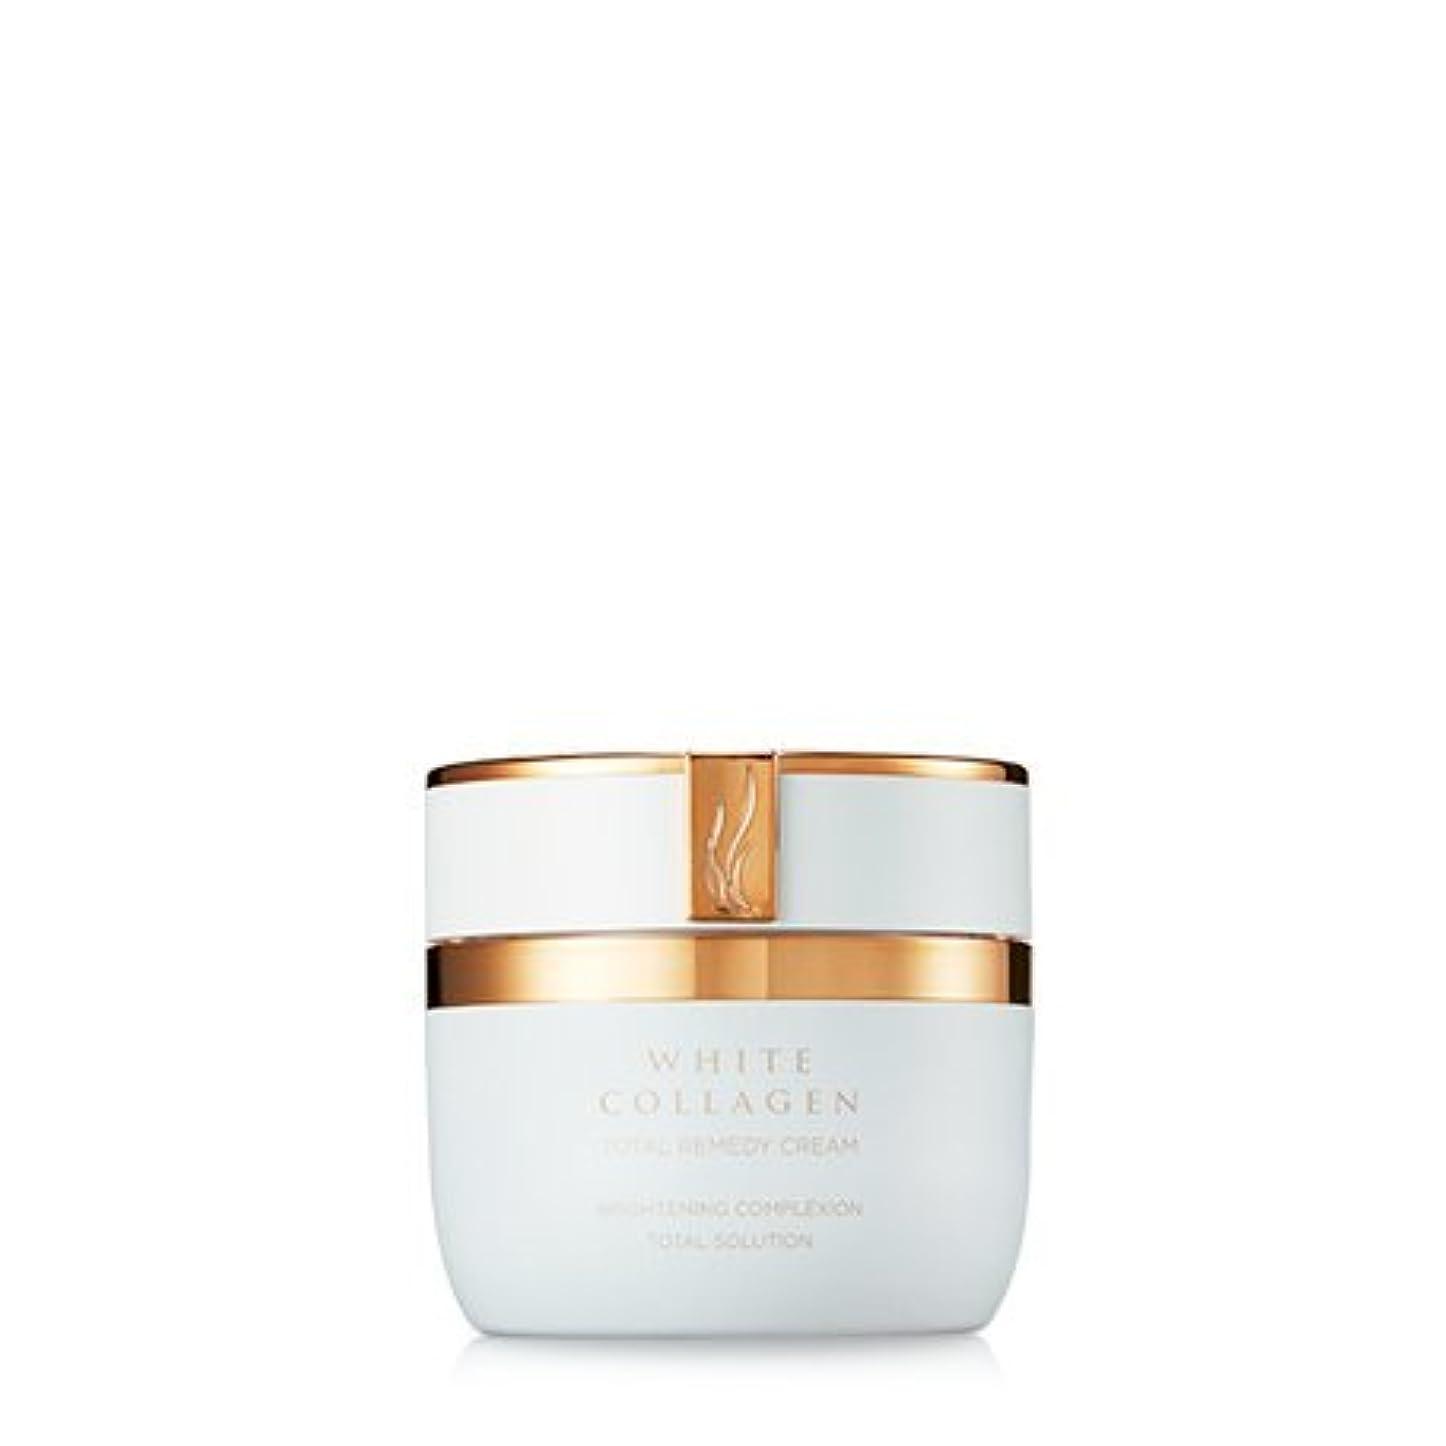 花弁ゆりシールド[New] A.H.C (AHC) White Collagen Total Remedy Cream 50g/A.H.C ホワイト コラーゲン トータル レミディ クリーム 50g [並行輸入品]